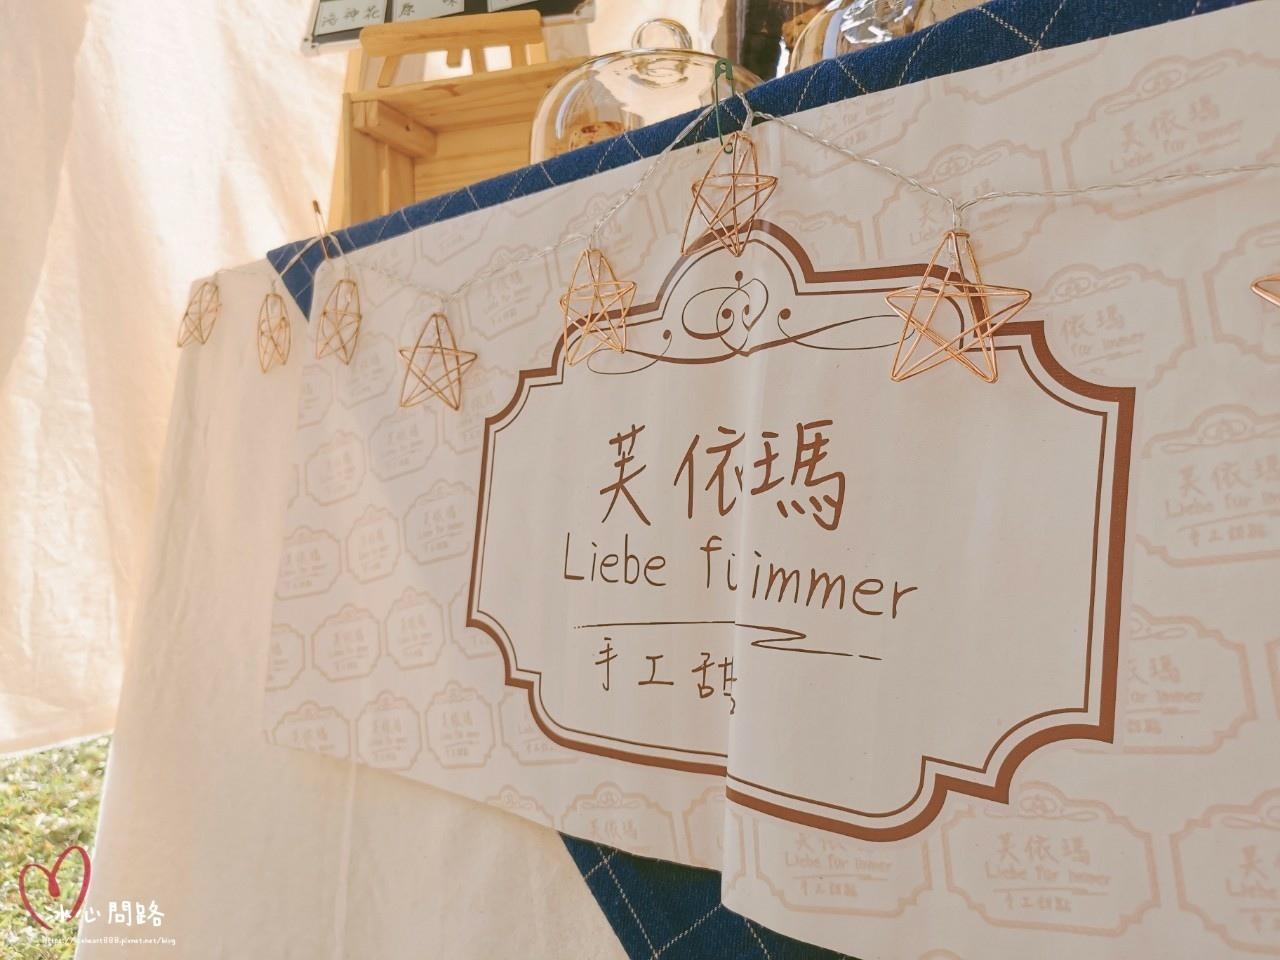 花蓮_好咖市集_咖逼小賣所_冰心問路 (14).jpg